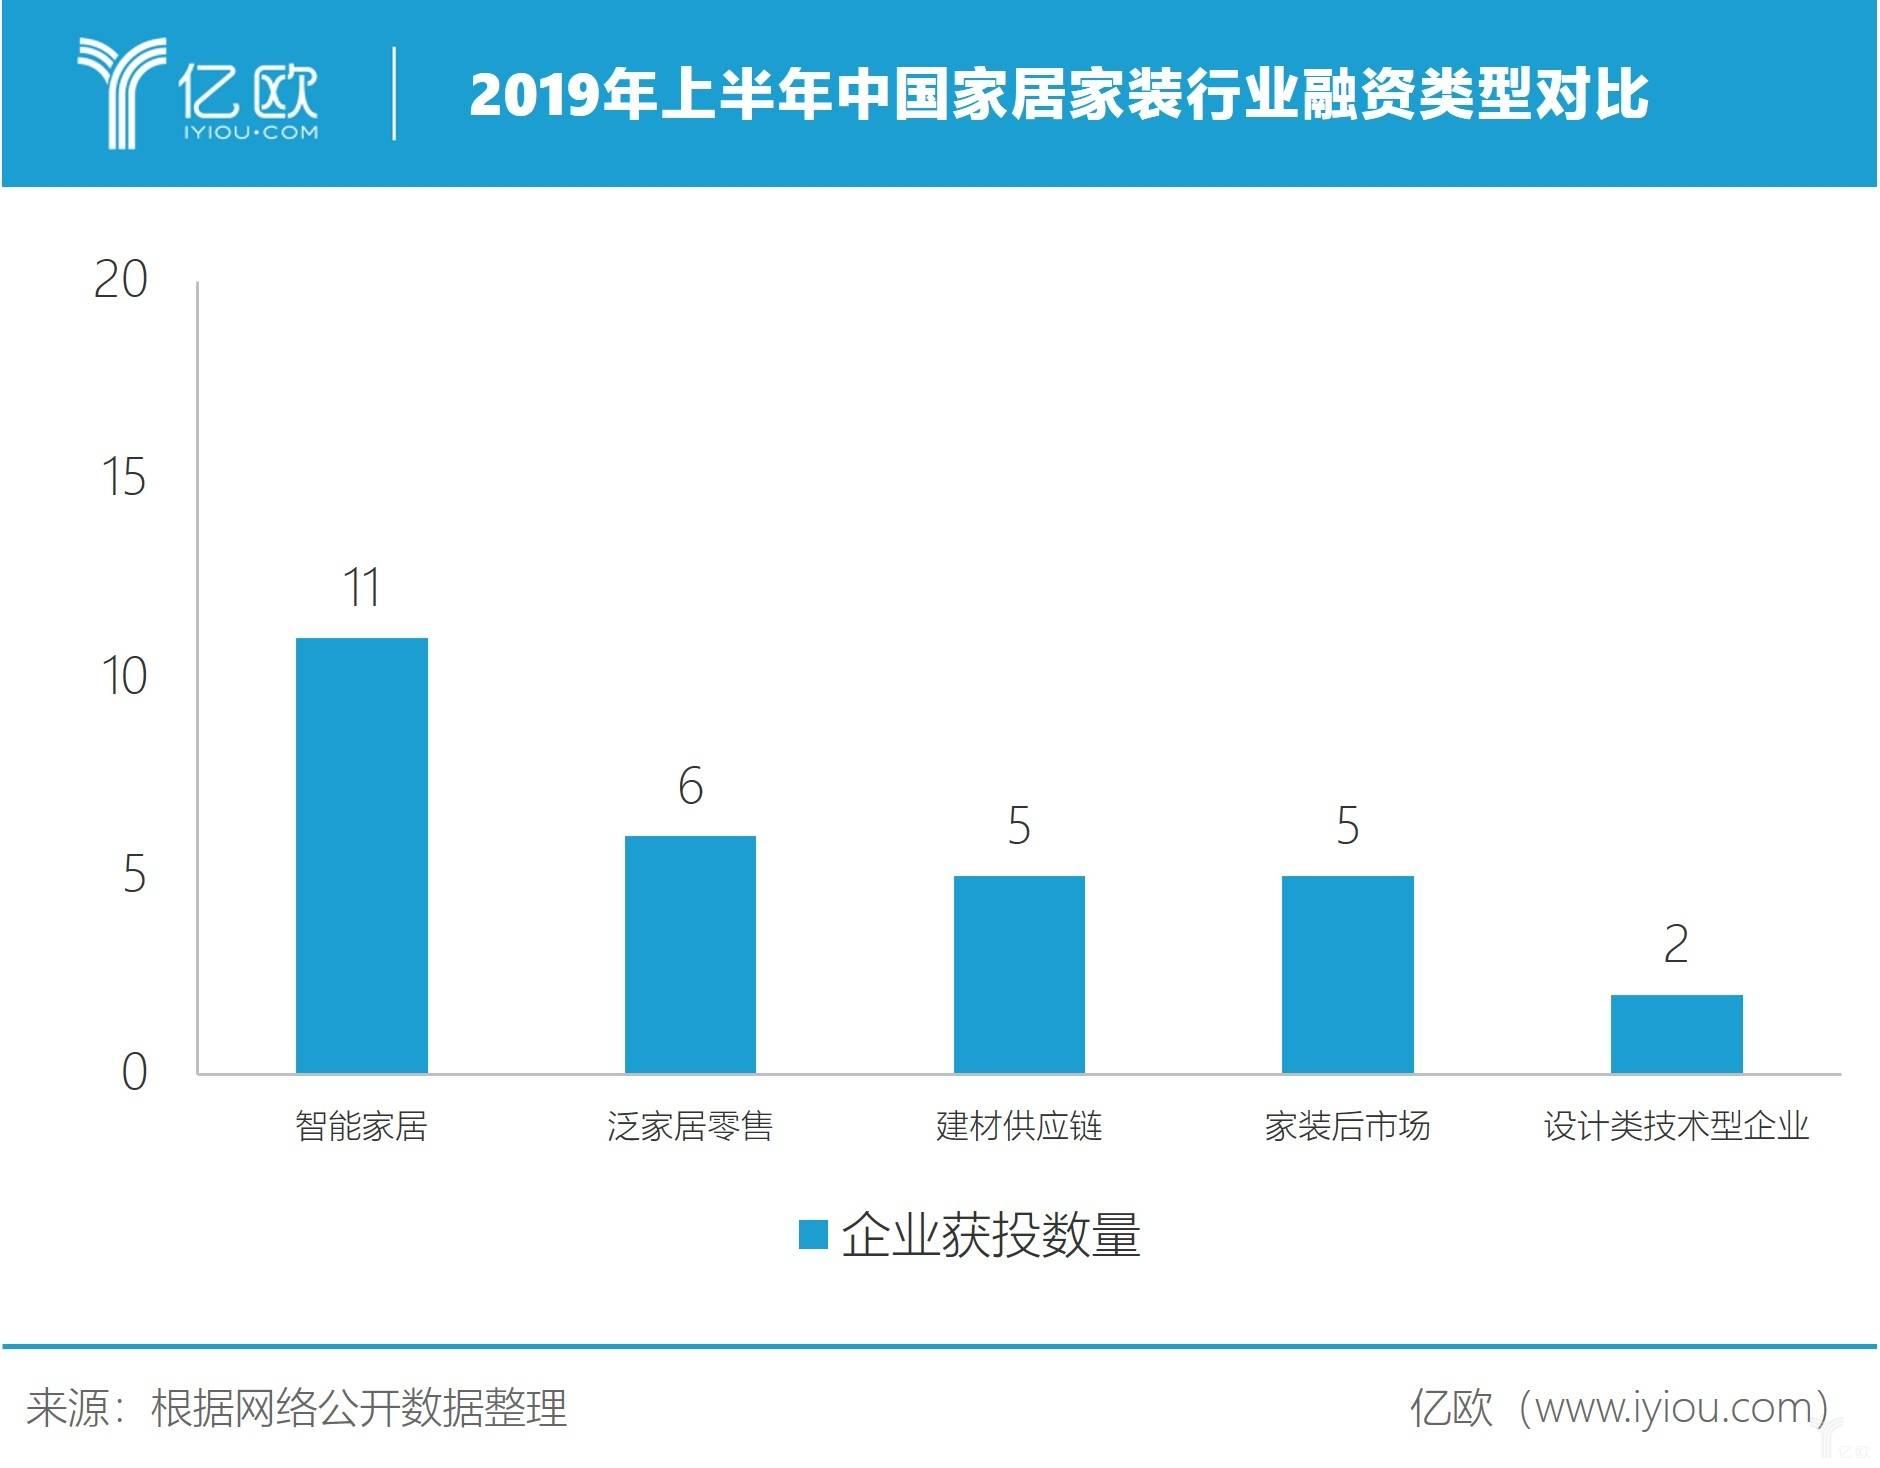 2019年上半年中國家居家裝行業融資類型對比